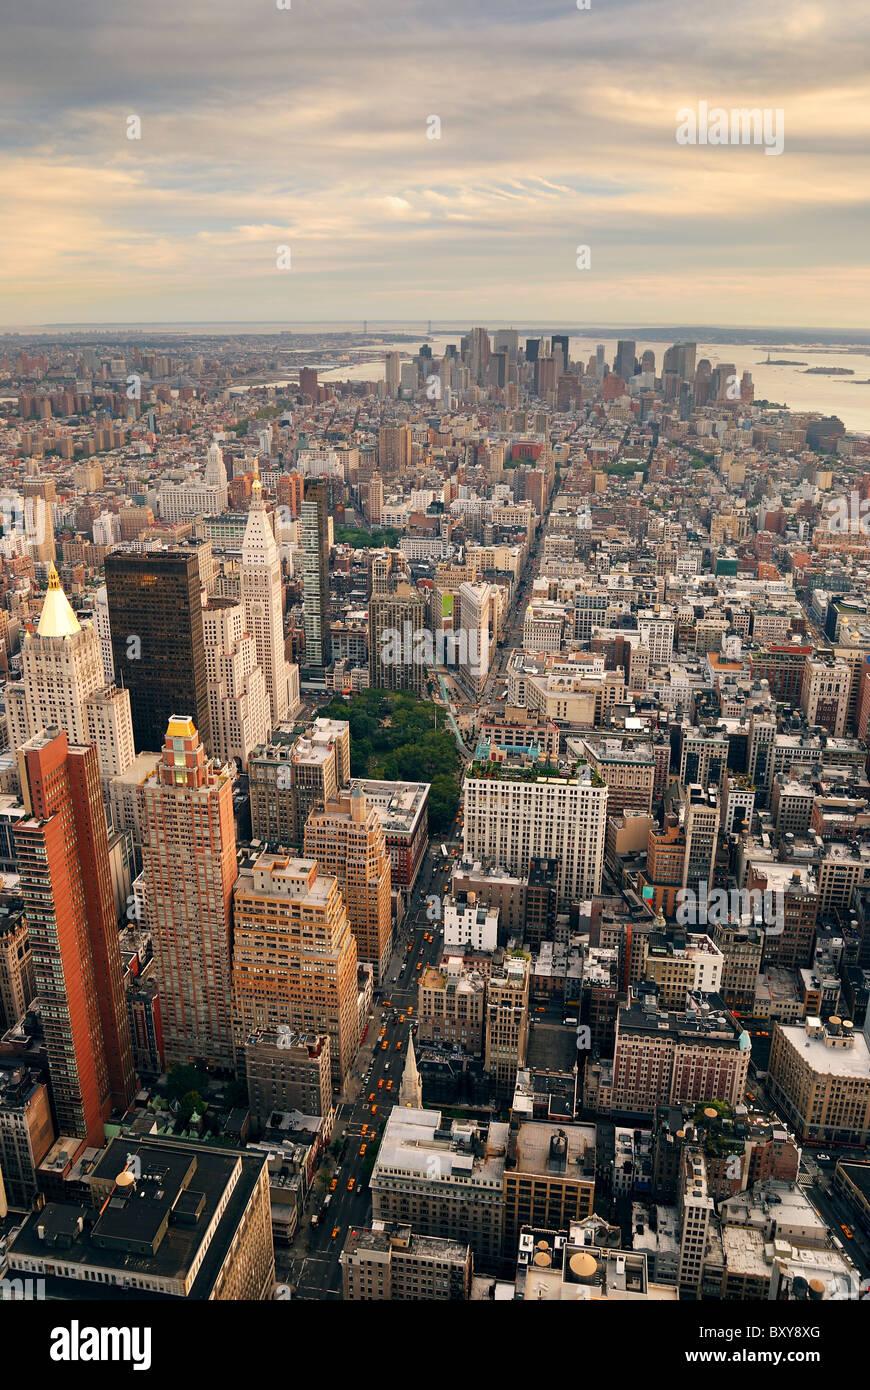 La Ciudad de Nueva York Manhattan skyline al atardecer vista aérea con la construcción de rascacielos Imagen De Stock